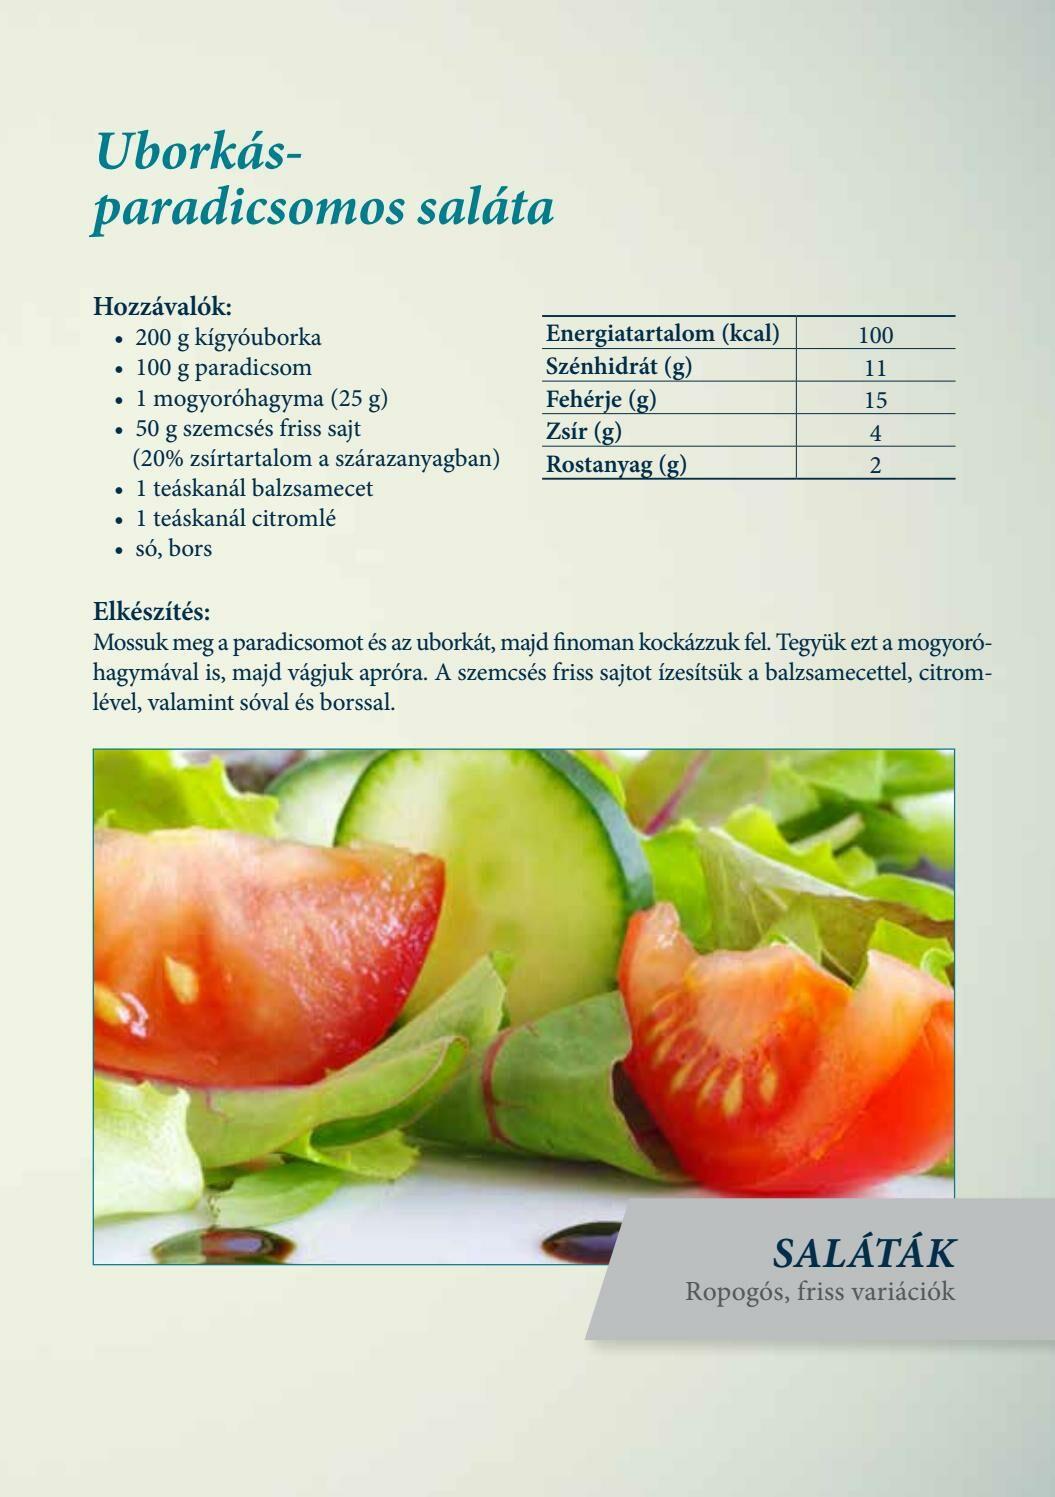 Diétás receptek- uborkás paradicsomos saláta